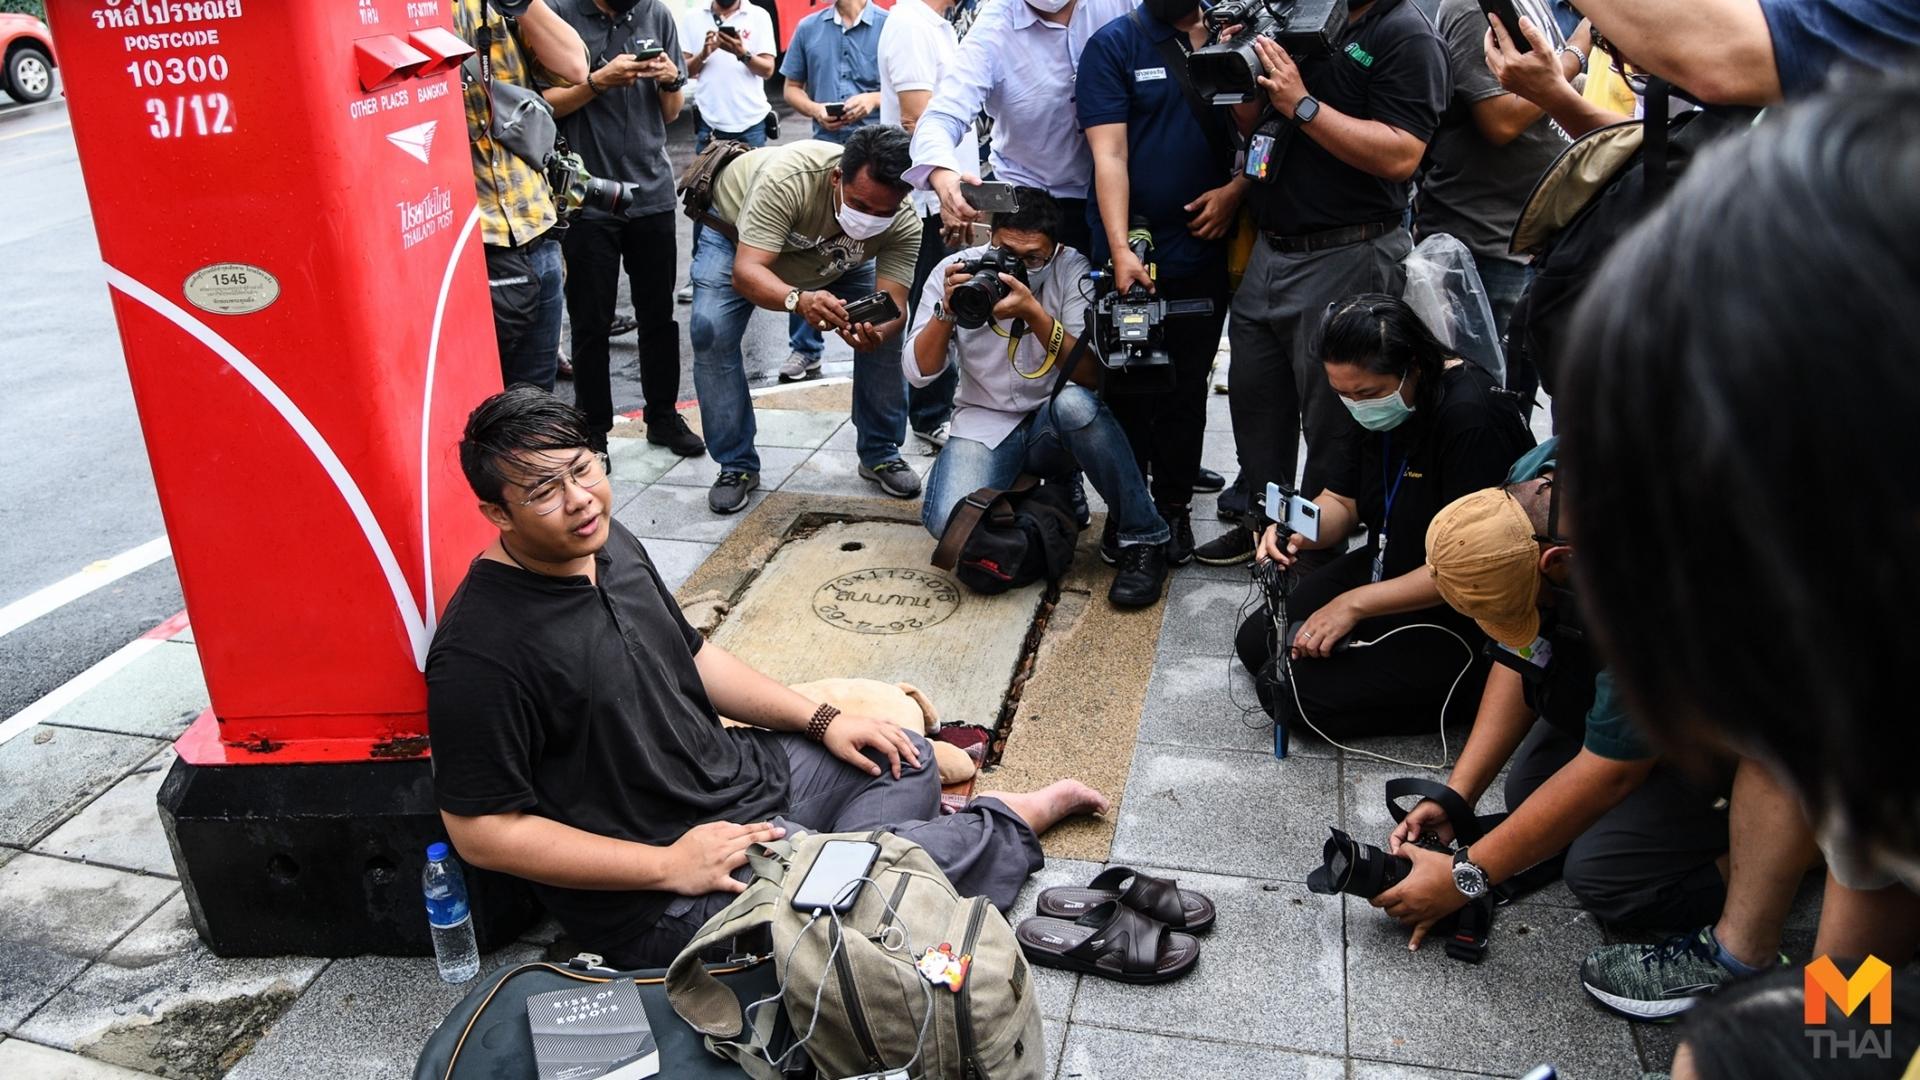 กลุ่มนวชีวิน ประท้วงรัฐบาล อดข้าวประท้วง